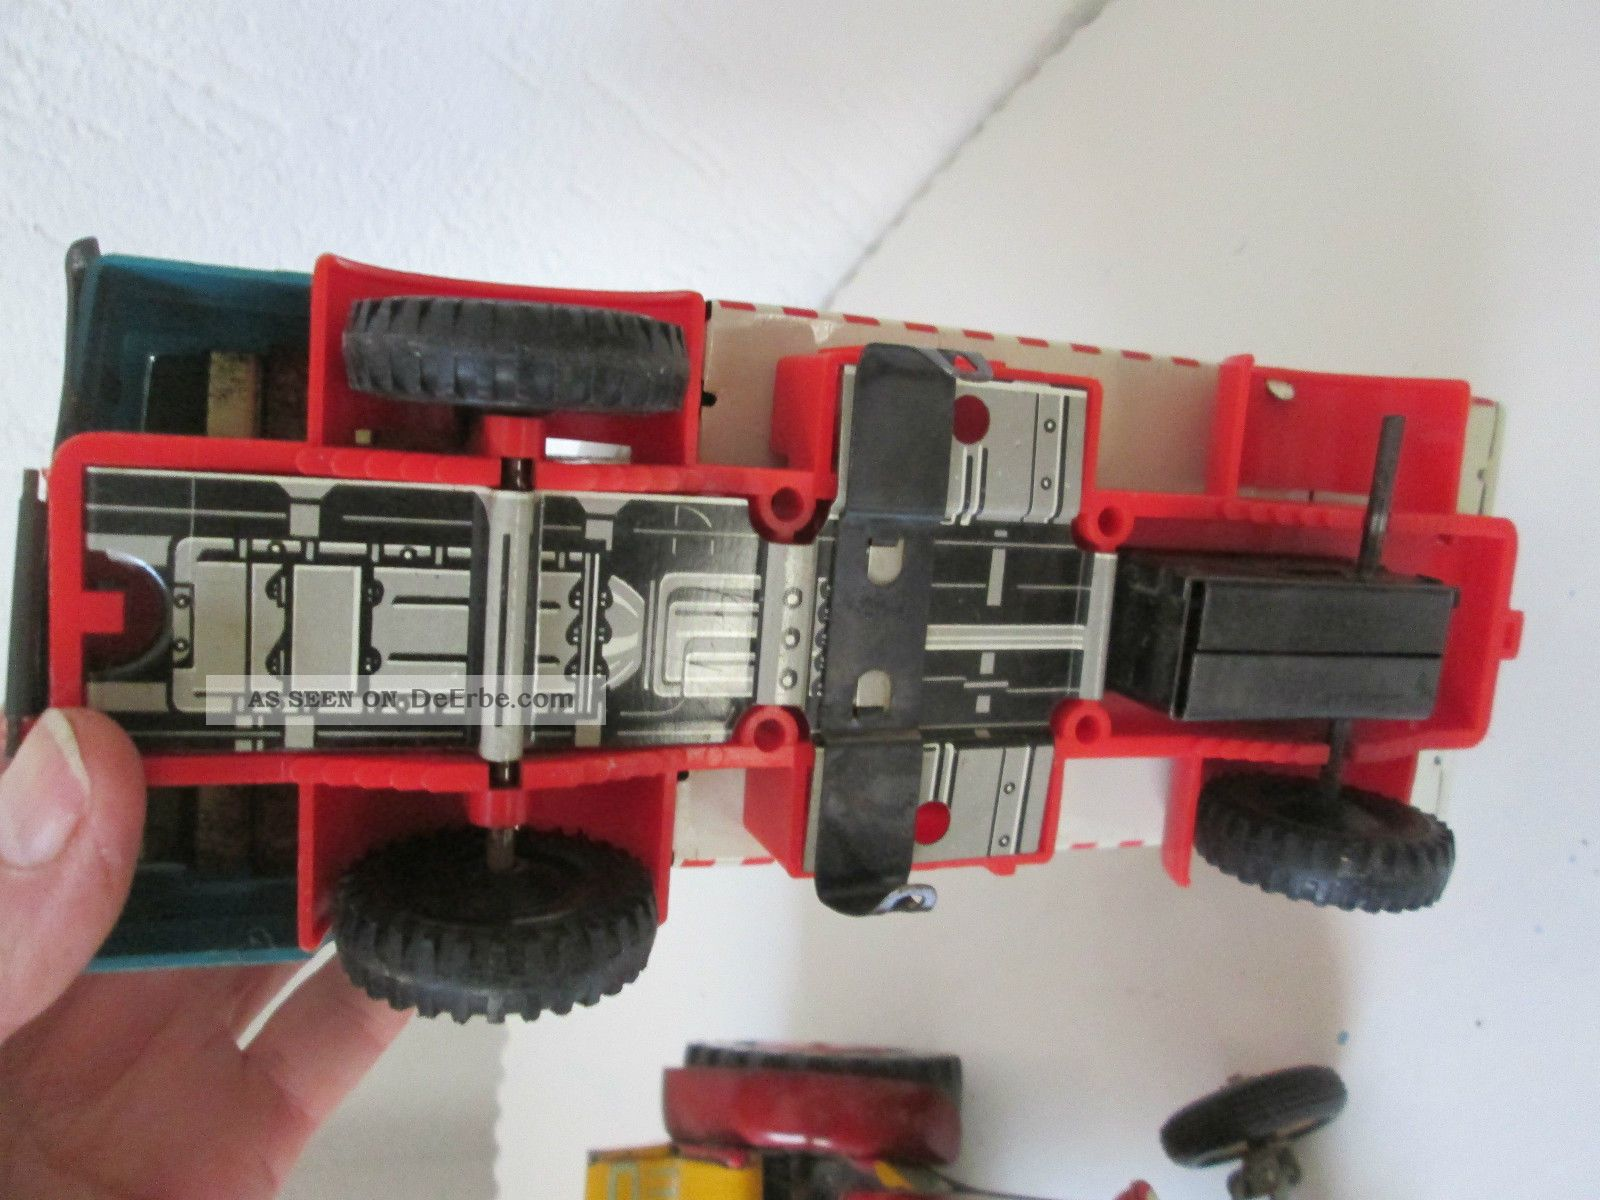 Ddr spielzeug auto blech und traktor ms msb kdm